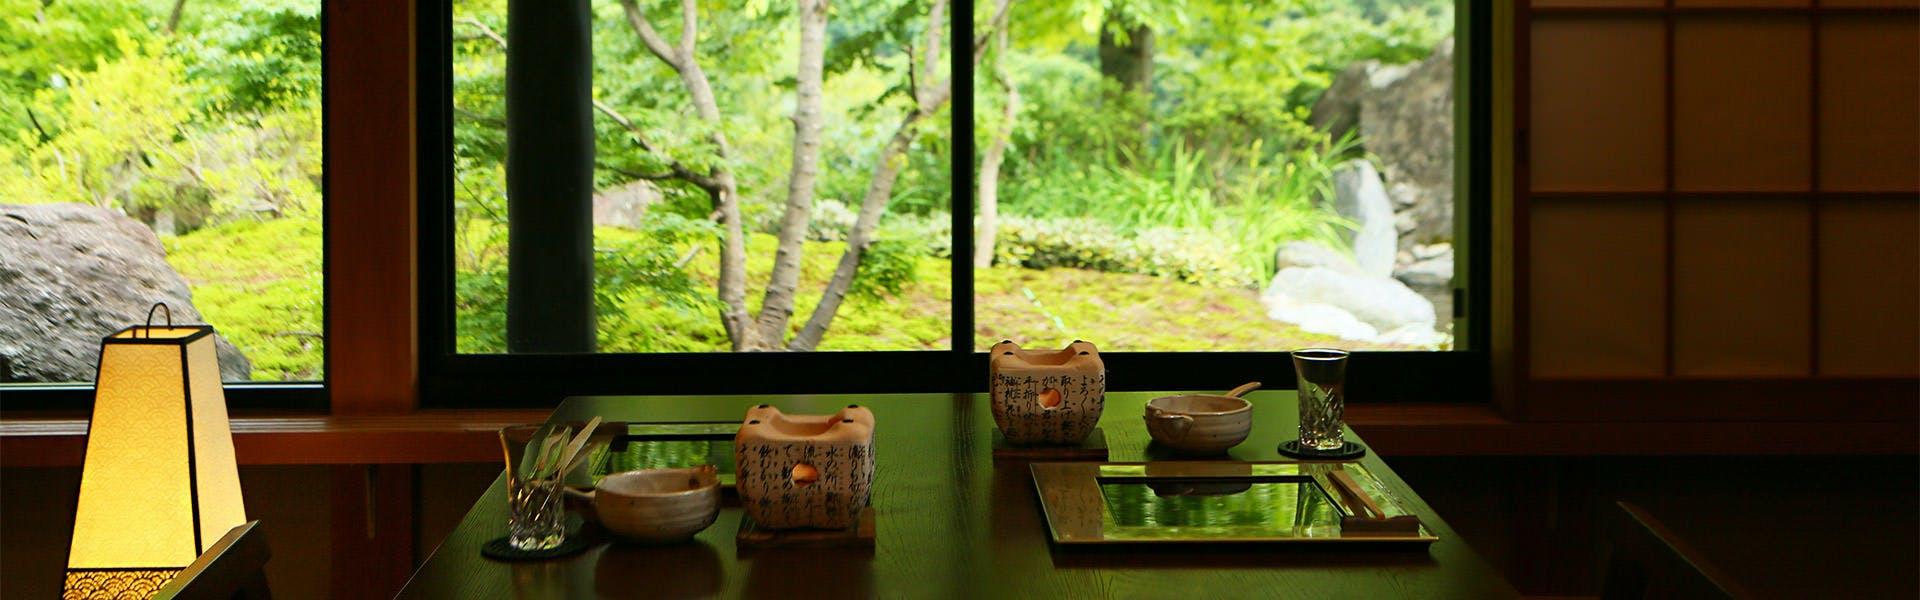 記念日におすすめのホテル・川場温泉 清流の里 錦綉山荘の写真3